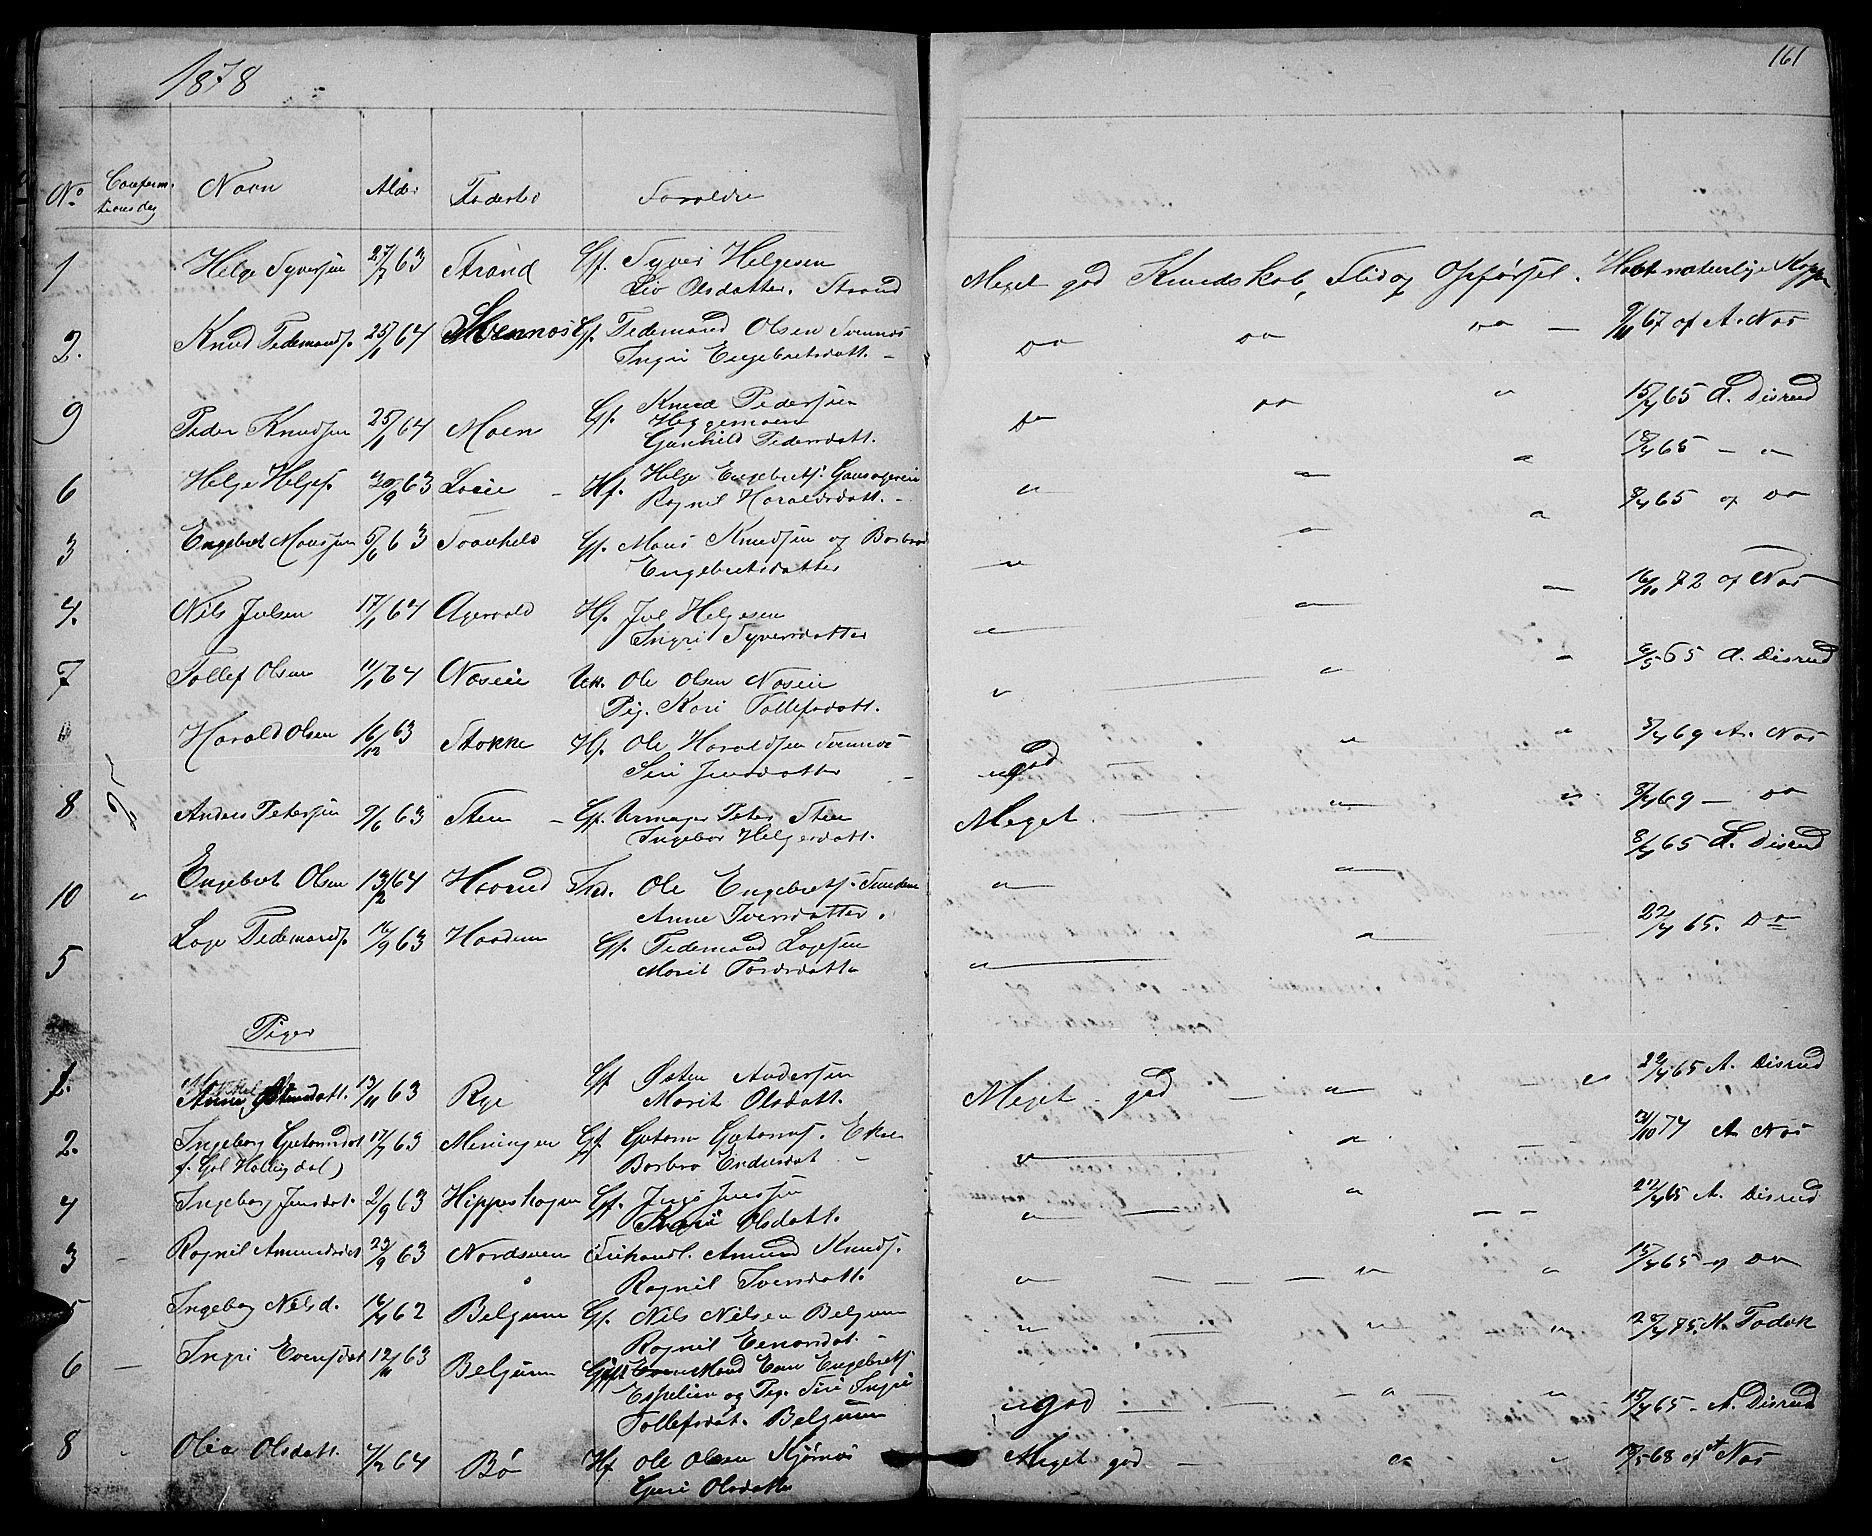 SAH, Nord-Aurdal prestekontor, Klokkerbok nr. 3, 1842-1882, s. 161b